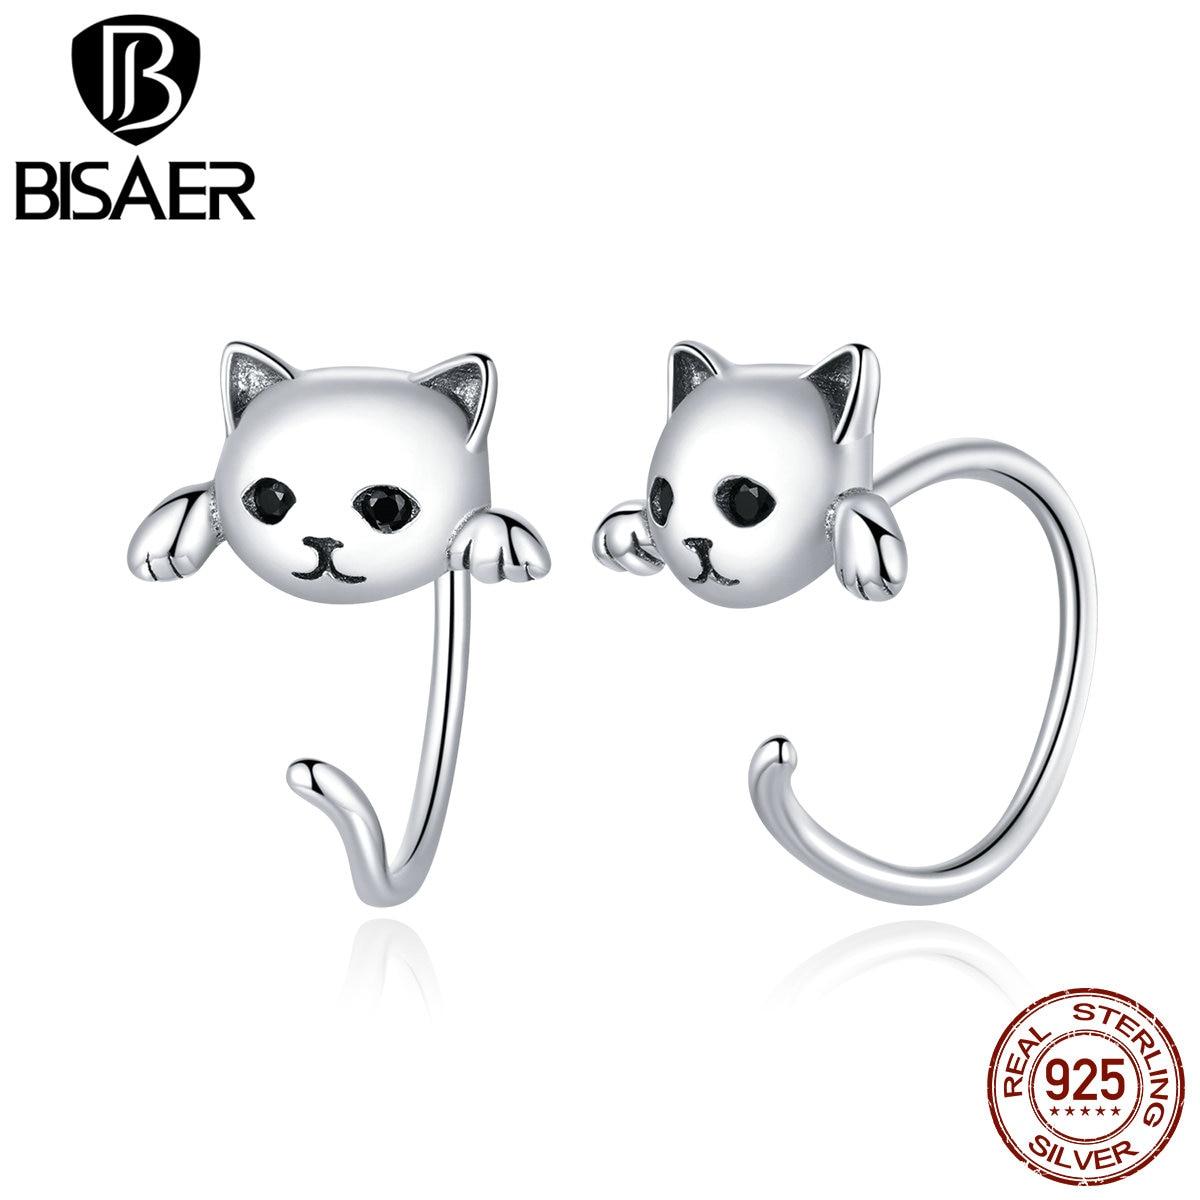 BISAER boucles d'oreilles 925 en argent Sterling mignon chat amour petit libre-Pick Design boucles d'oreilles pour les femmes en argent Sterling bijoux ECE965